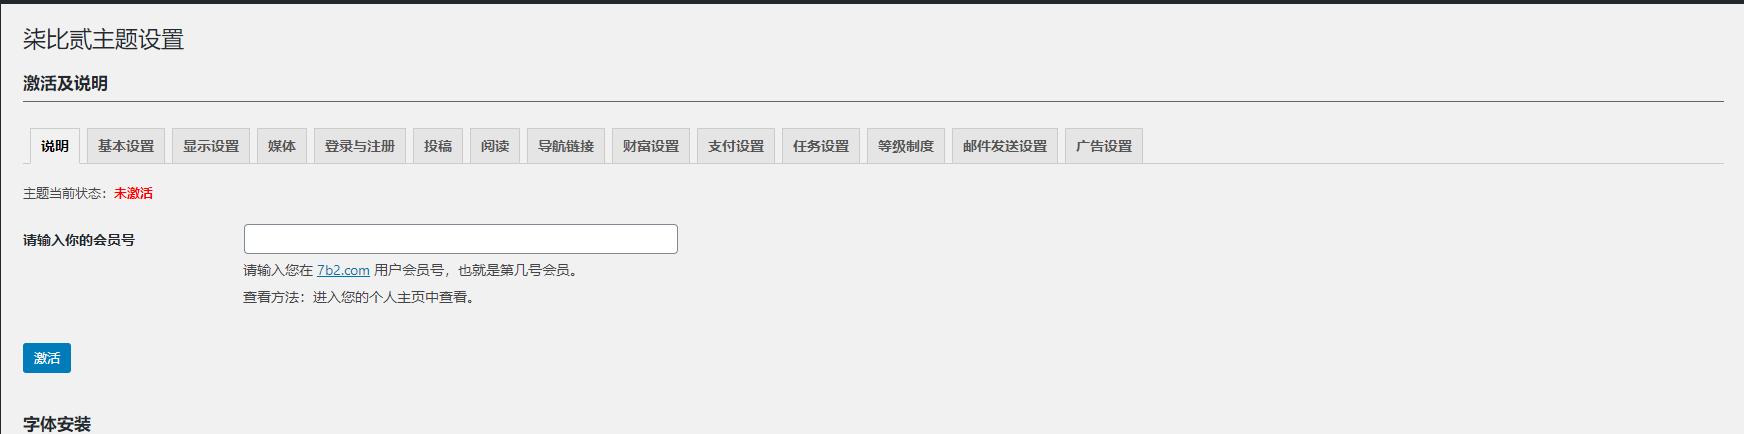 柒比贰7b2去授权无限制版 【更新中到V2.9.8版了】全网最低价